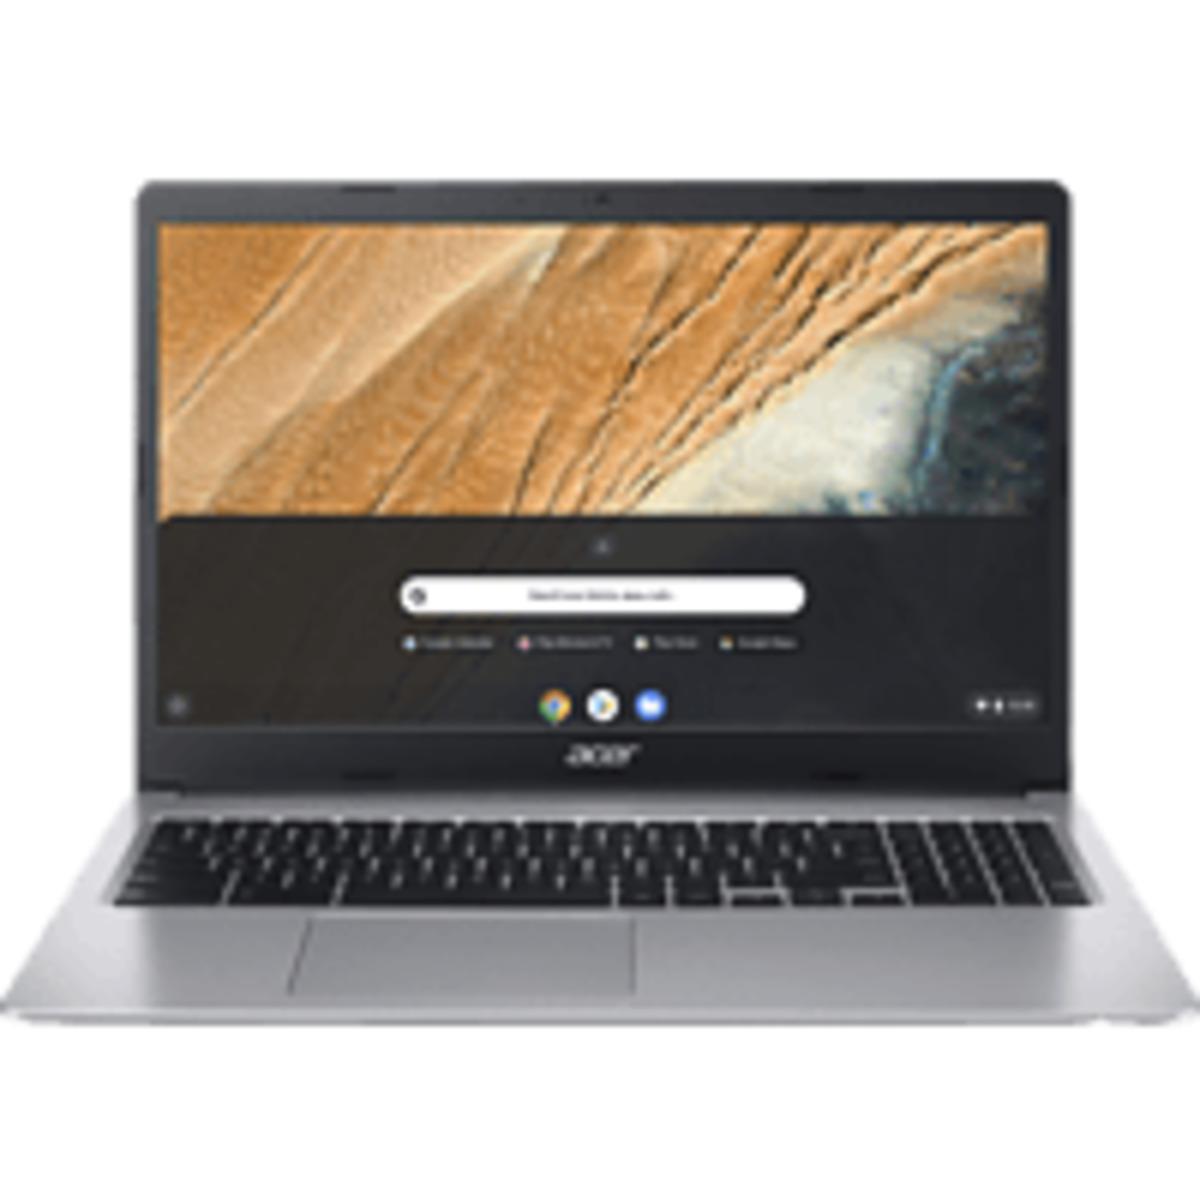 Bild 1 von ACER Chromebook 15 (CB315-3HT-C47Q), mit 15,6 Zoll Display Touchscreen, Celeron® Prozessor, 4 GB RAM, 64 eMMC, Intel® UHD-Grafik 600, Silber